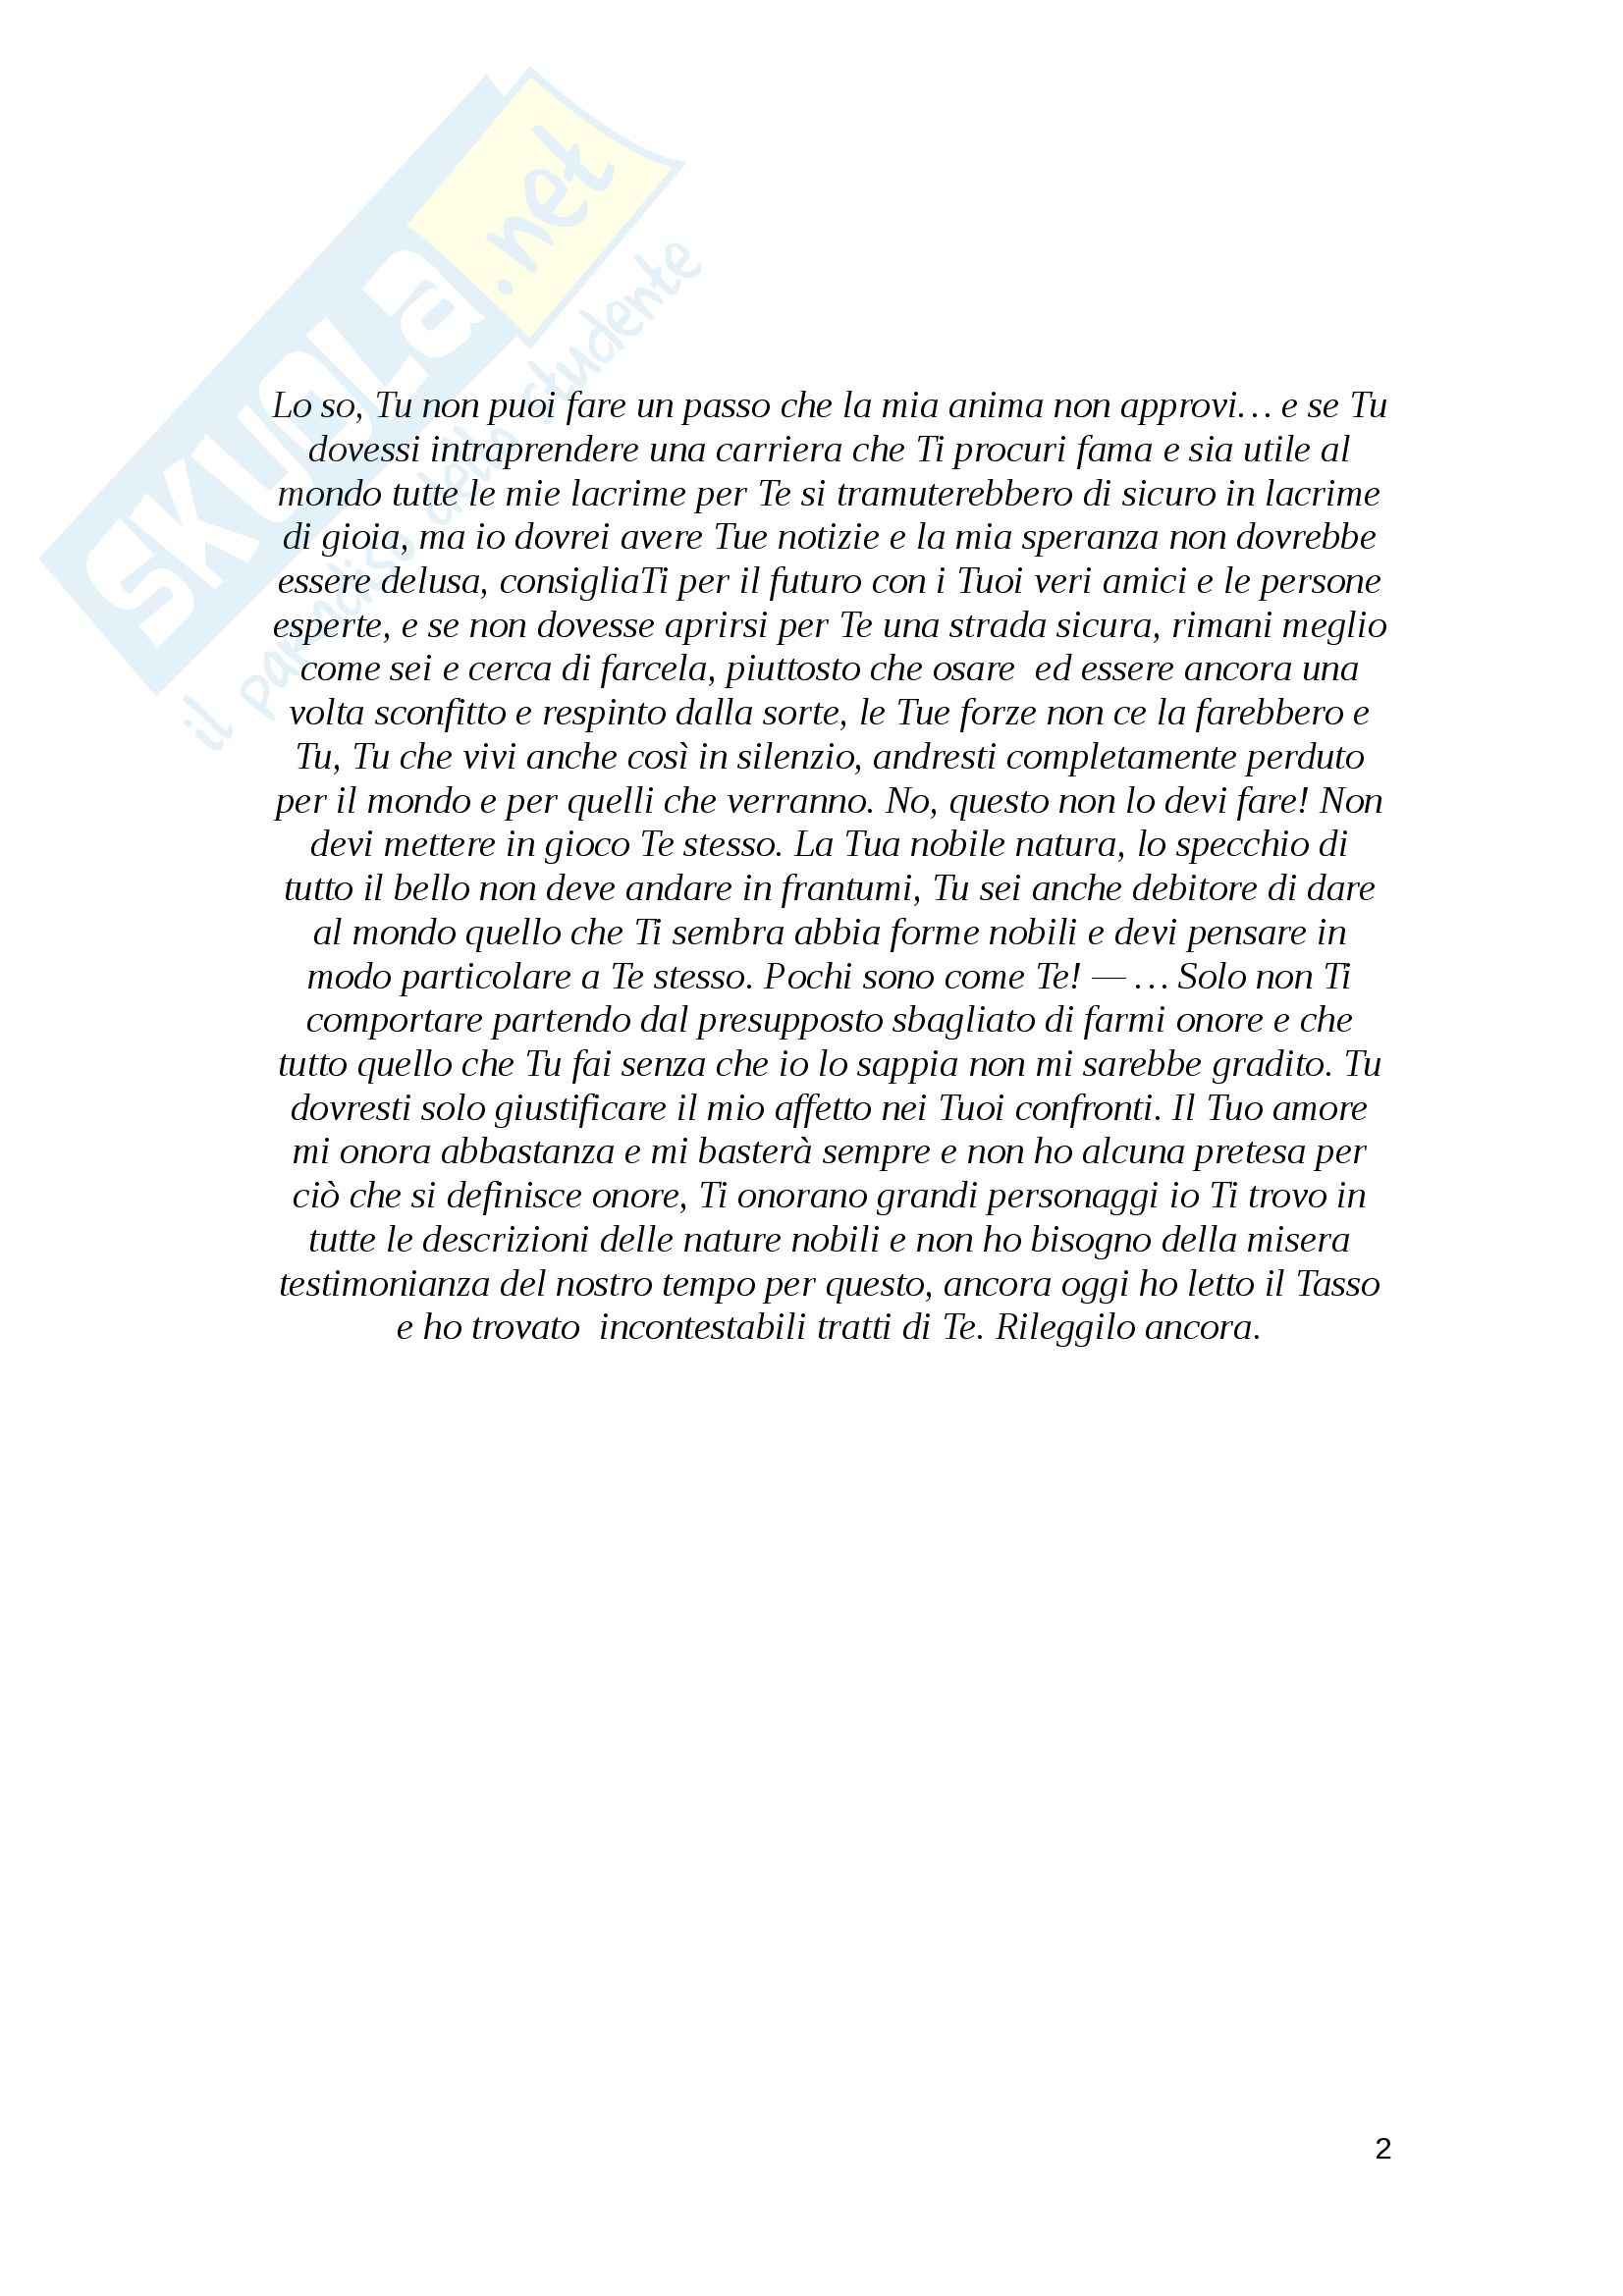 Tesi, Diotima in Hölderlin: biografia attraverso le lettere Pag. 2